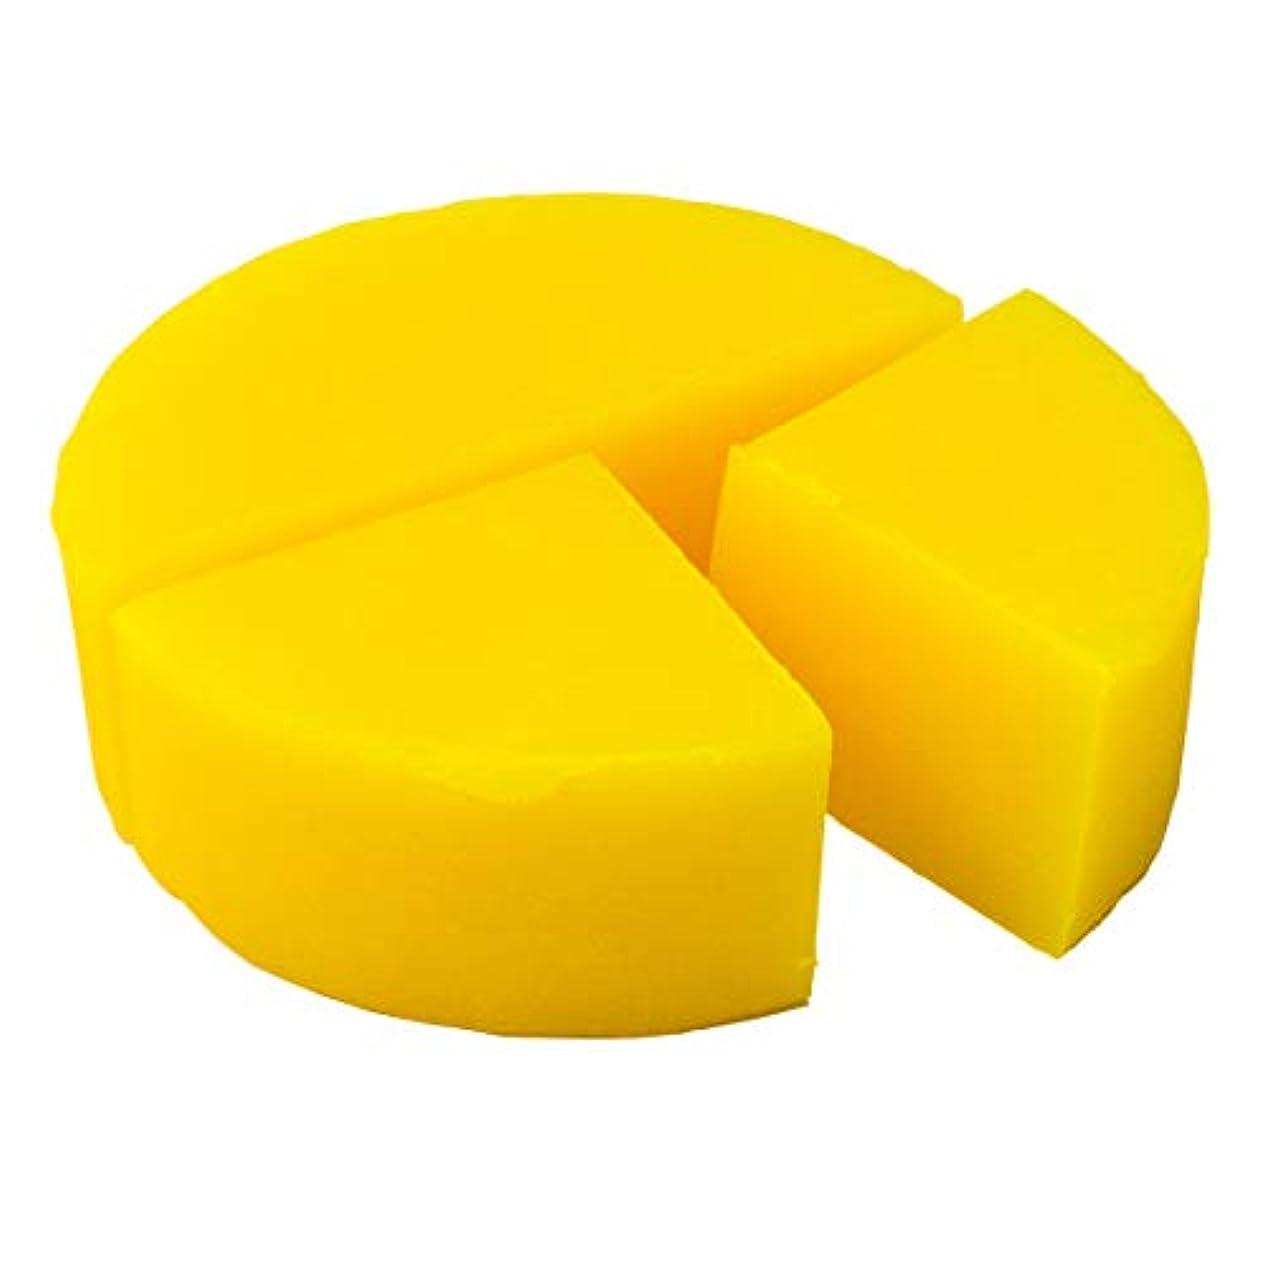 食べる確実叫ぶグリセリン クリアソープ (MPソープ) 色チップ 黄 100g